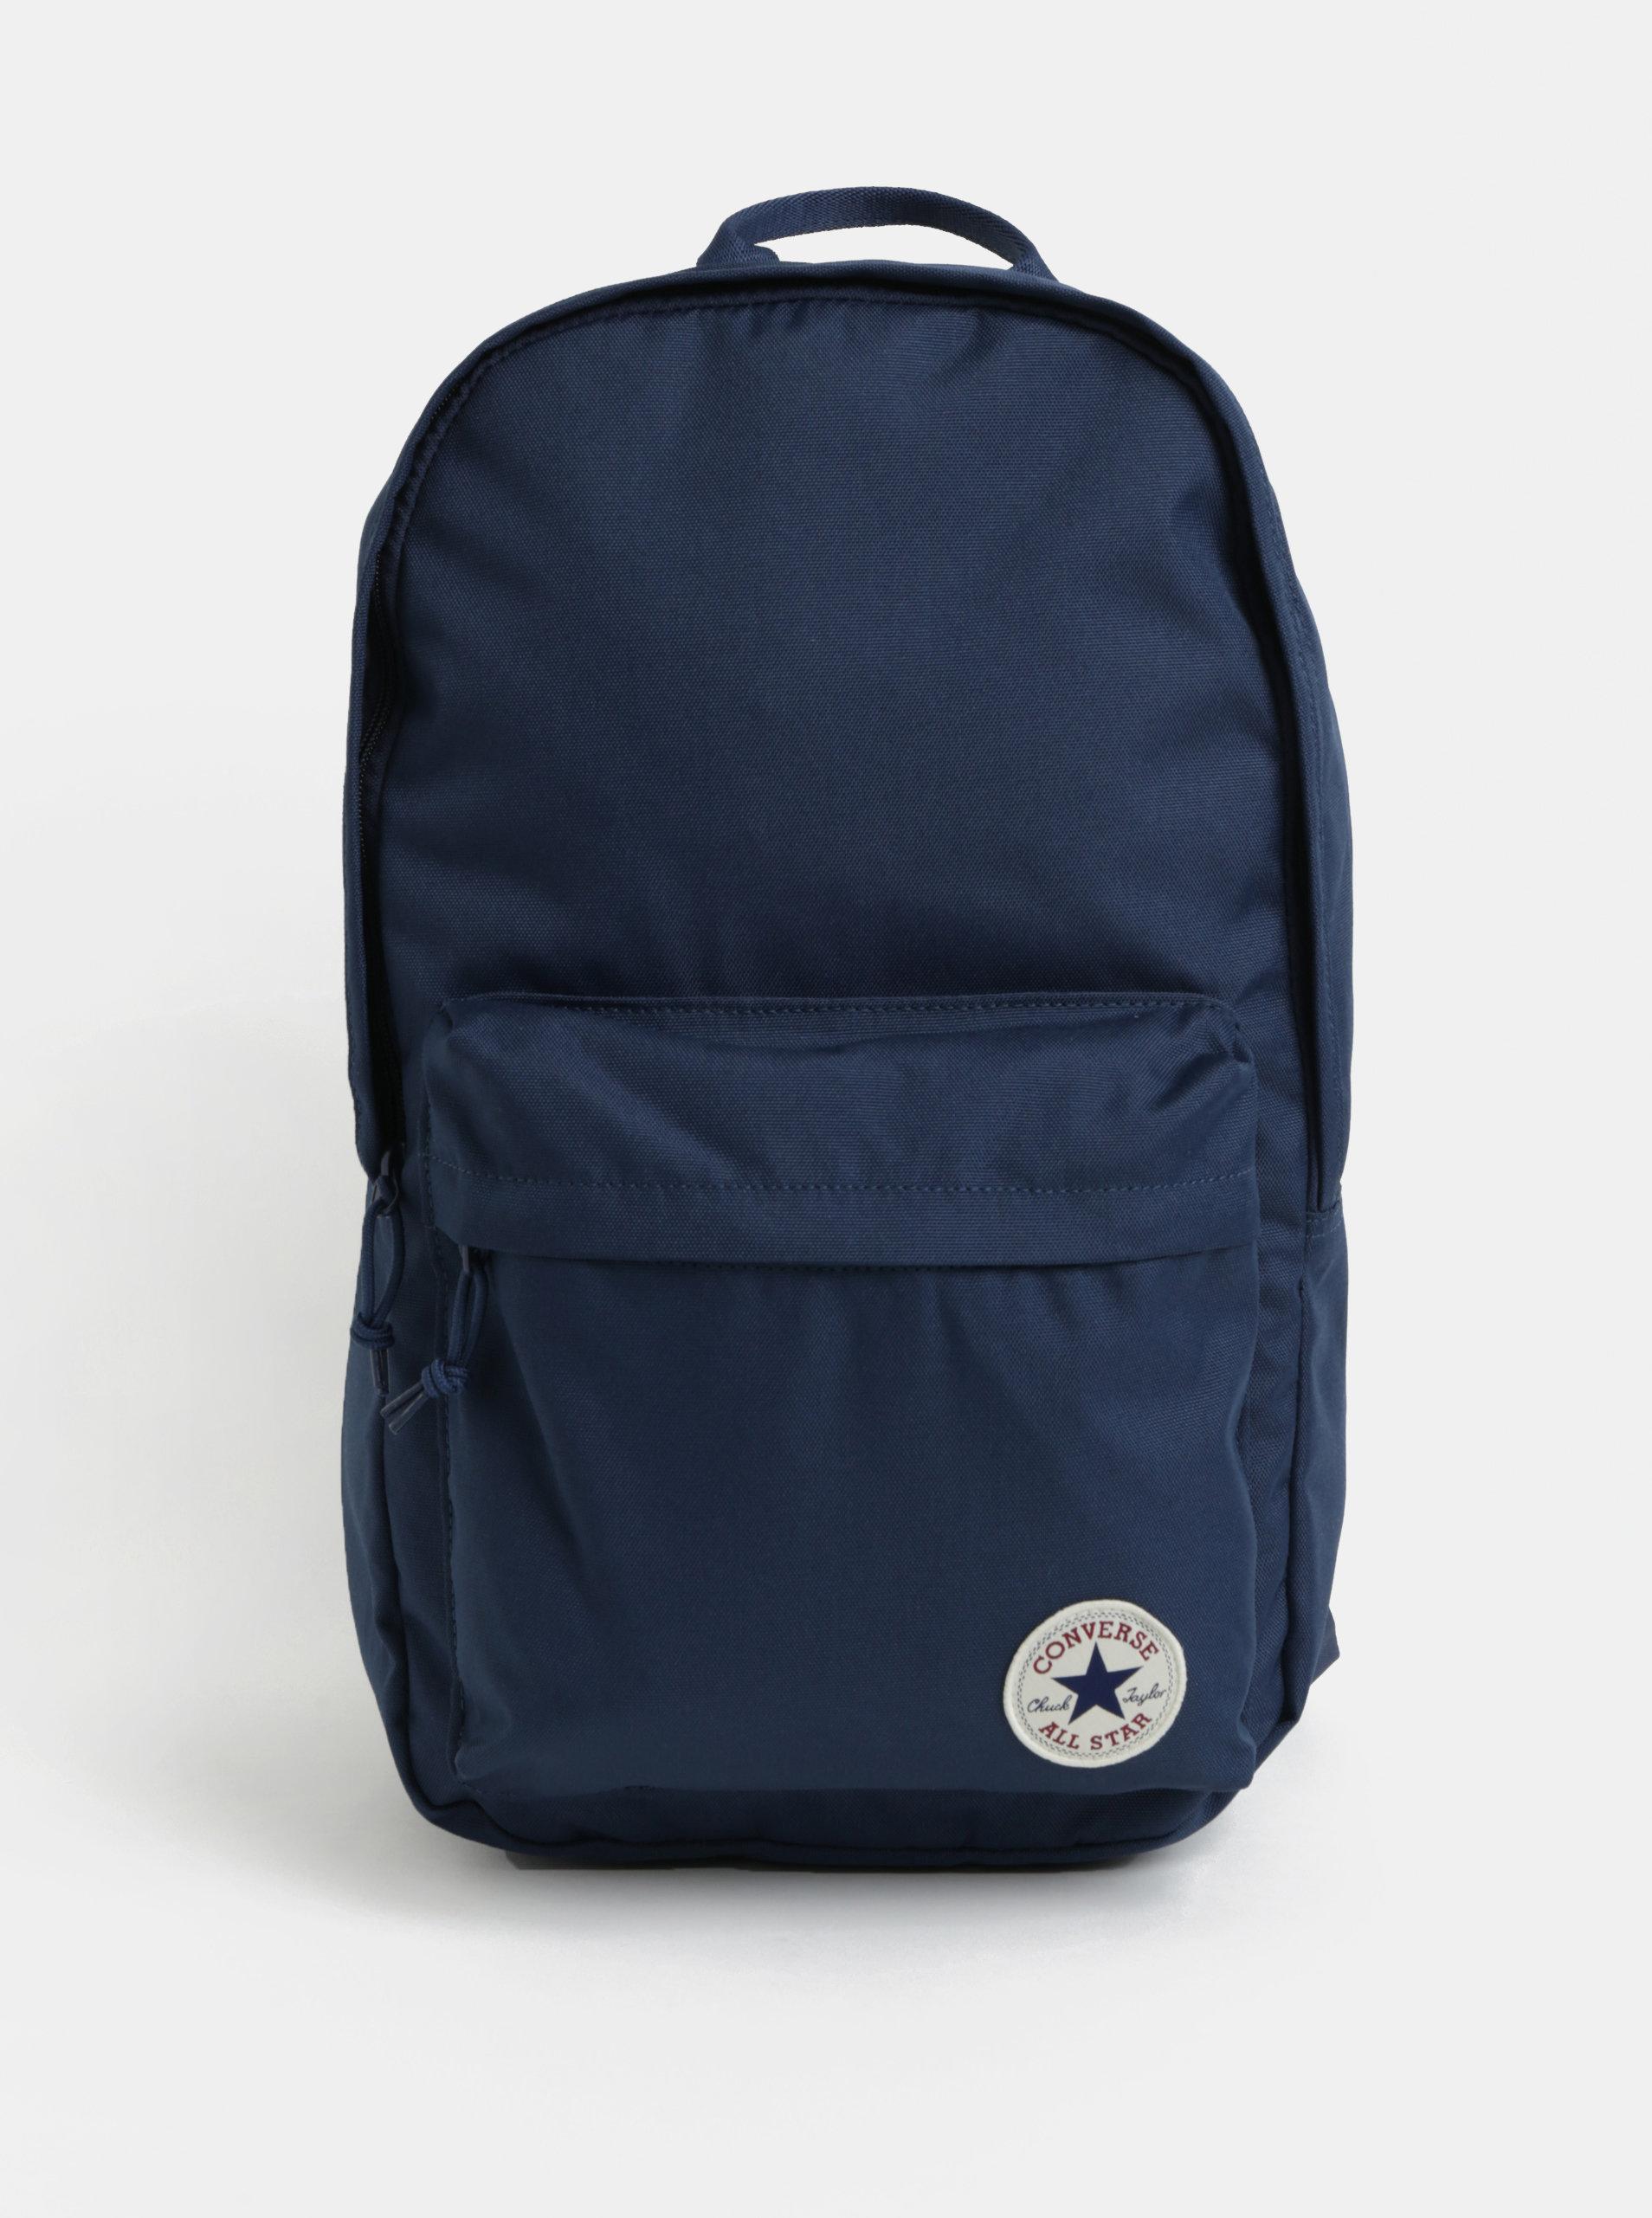 Tmavě modrý batoh Converse EDC Poly Backpack 19 l ... eb70e24f24